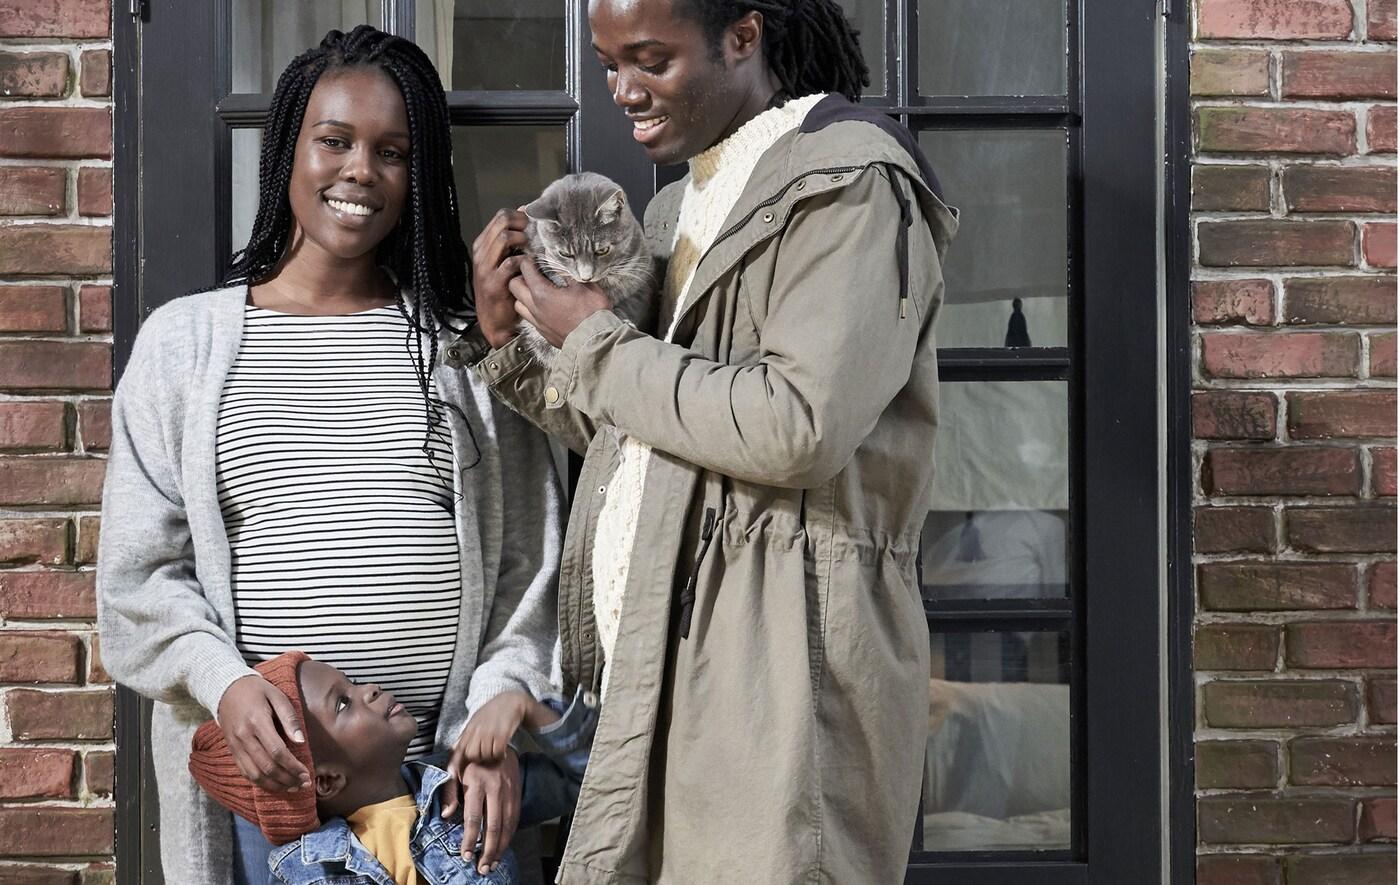 En man och en gravid kvinna i 30-årsåldern framför en tegelvägg med en liten pojke i mitten. Mannen håller i en katt.